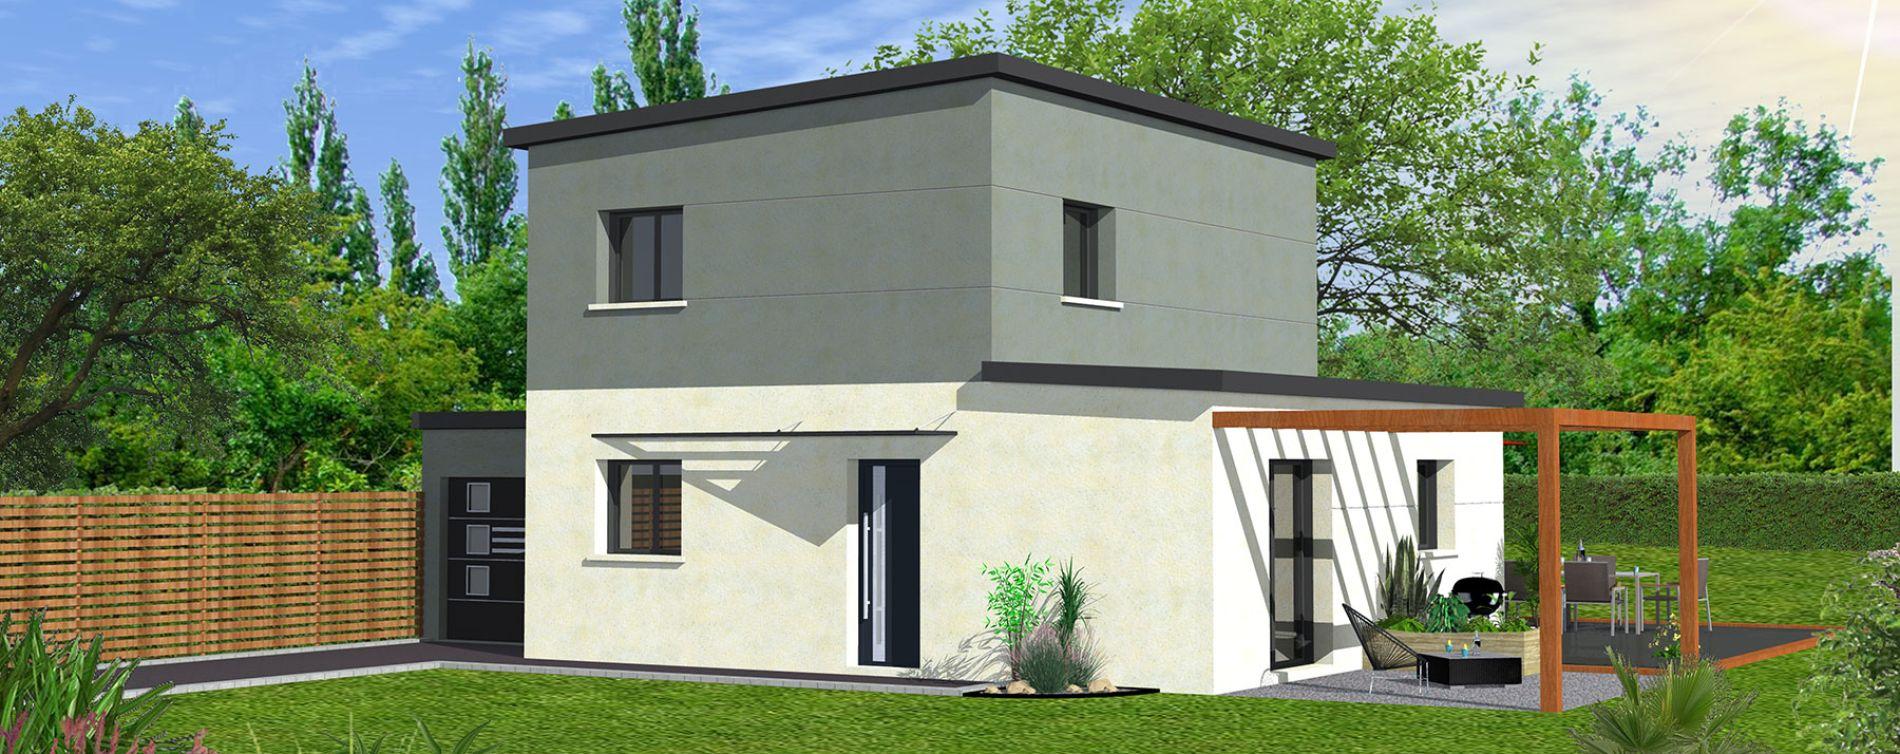 Brélès : programme immobilier neuve « Le Sentier de Bel Air » (4)